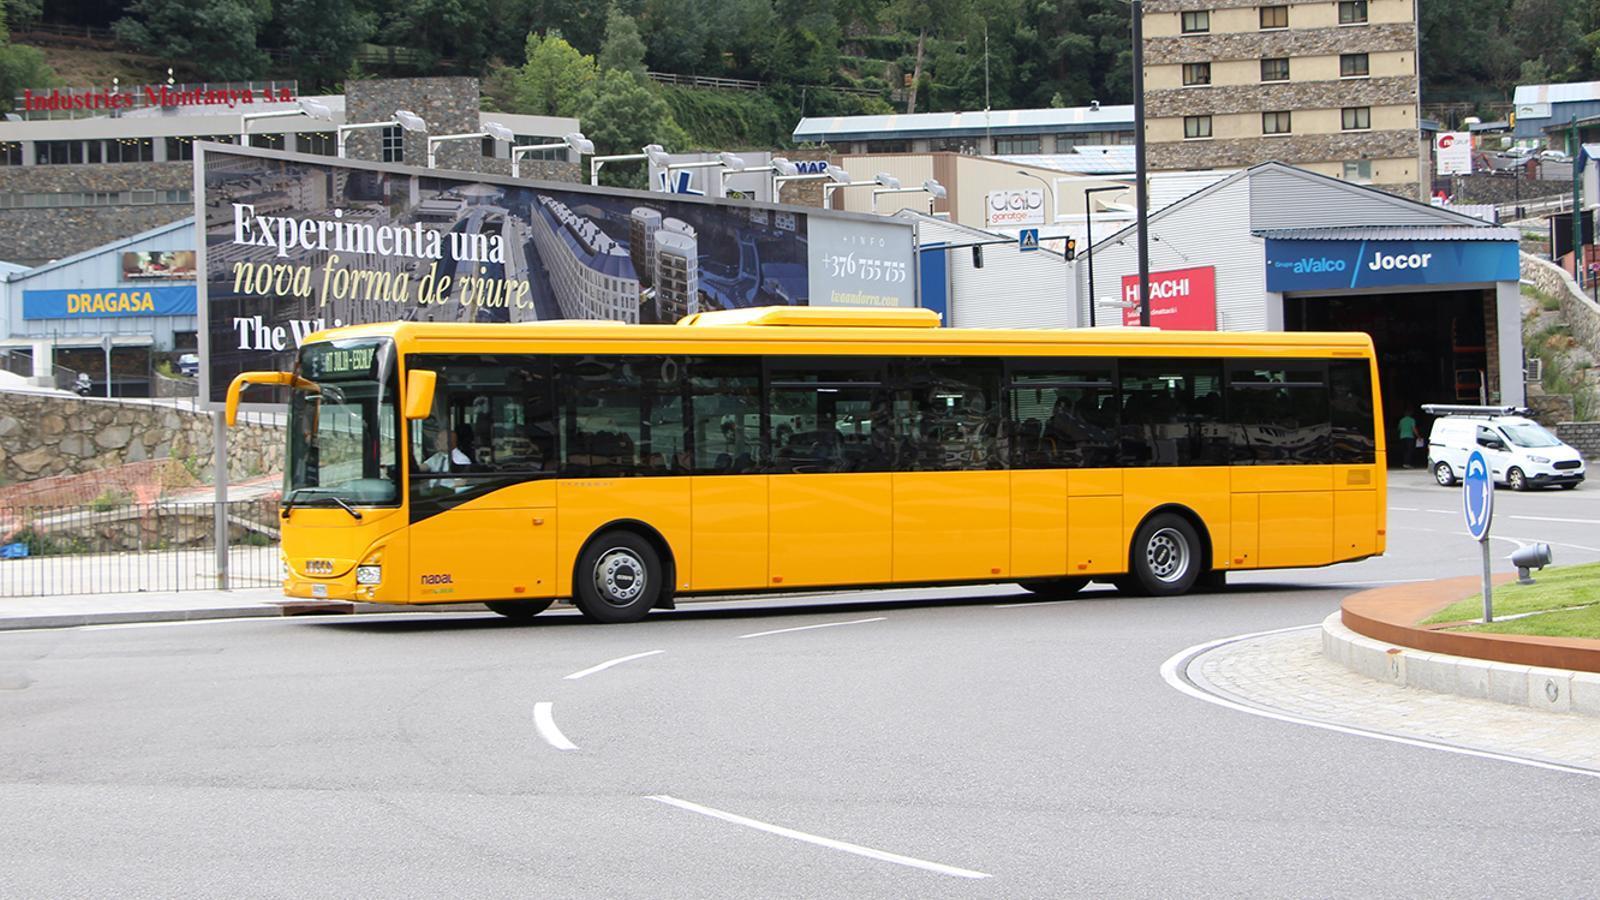 Un dels nous autobusos de la línia a Sant Julià de Lòria. / M. F. (ANA)